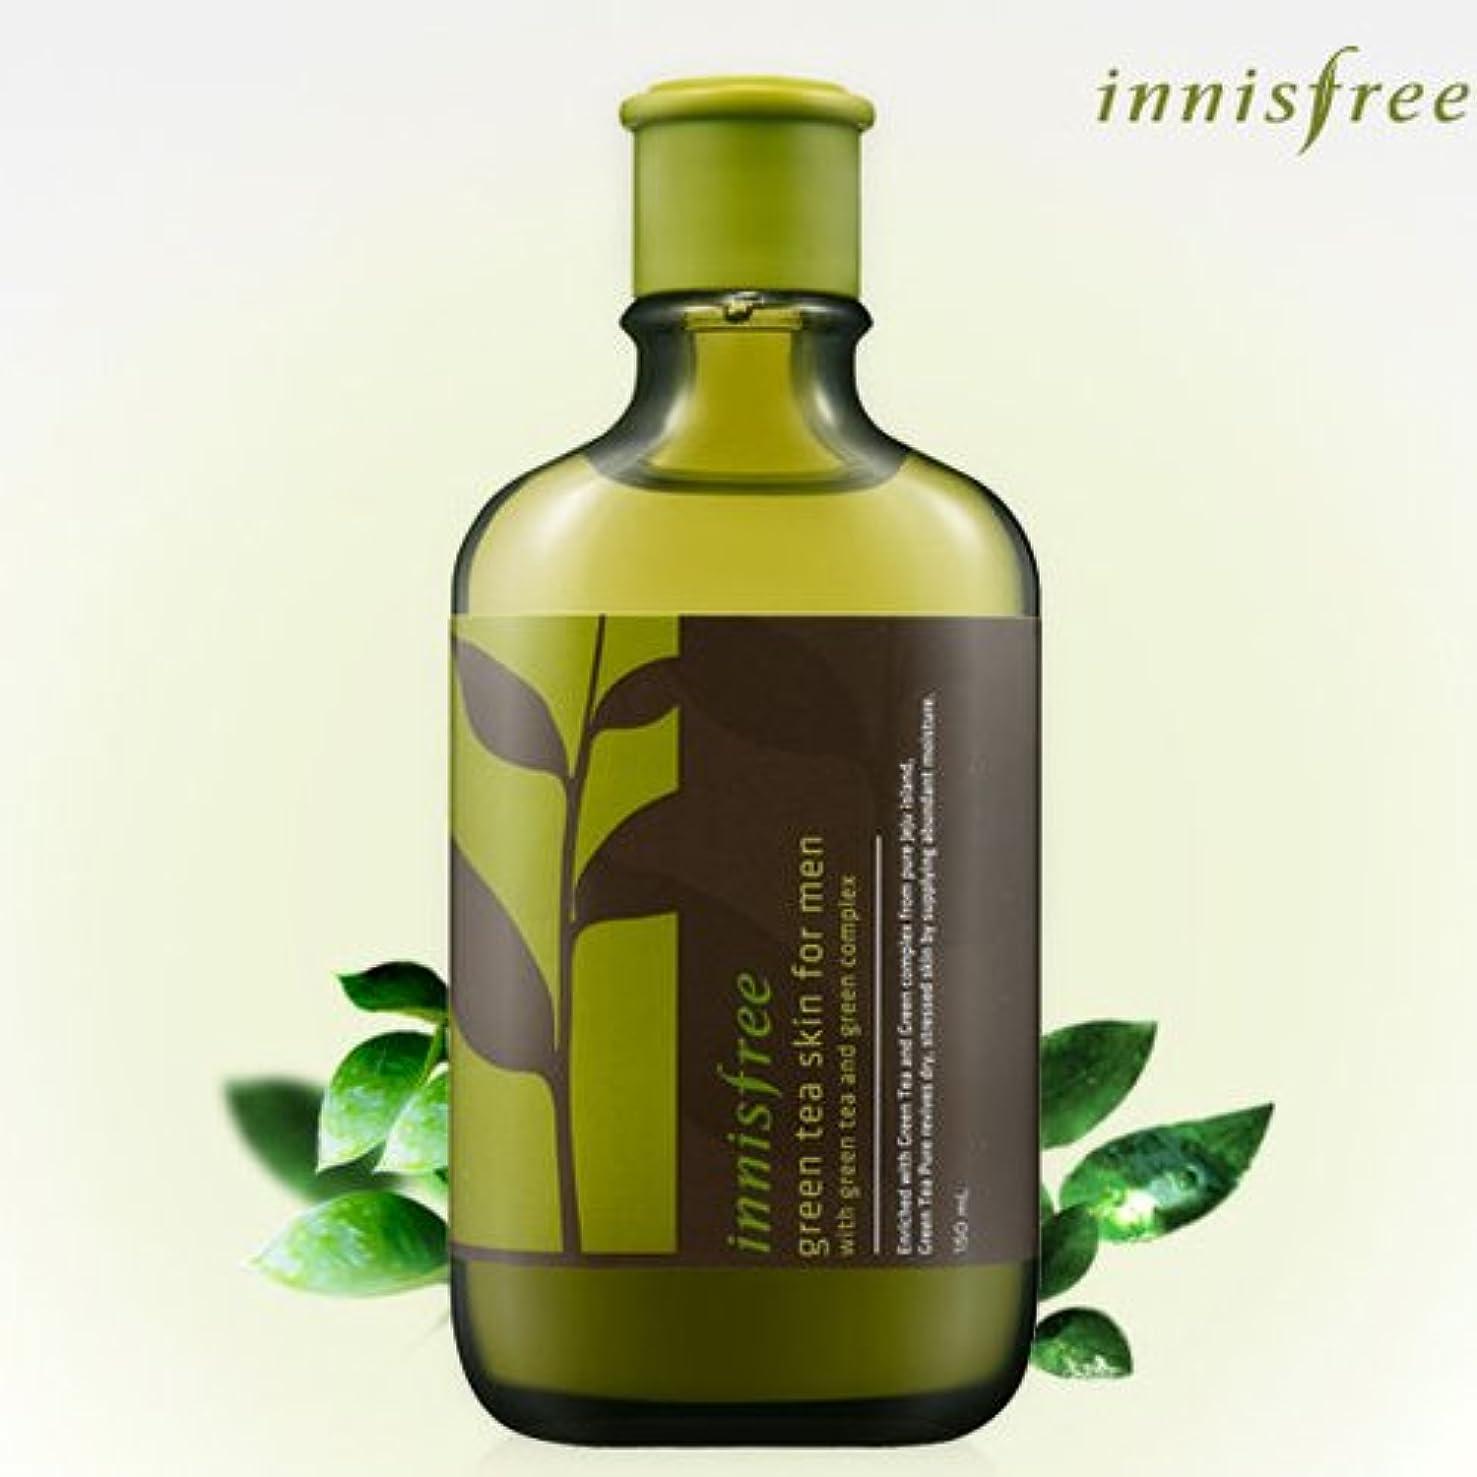 カエルトースト法律[INNISFREE]イニスフリーグリーンティースキンフォーメン150ml green tea skin FOR MEN 150ml [並行輸入品]